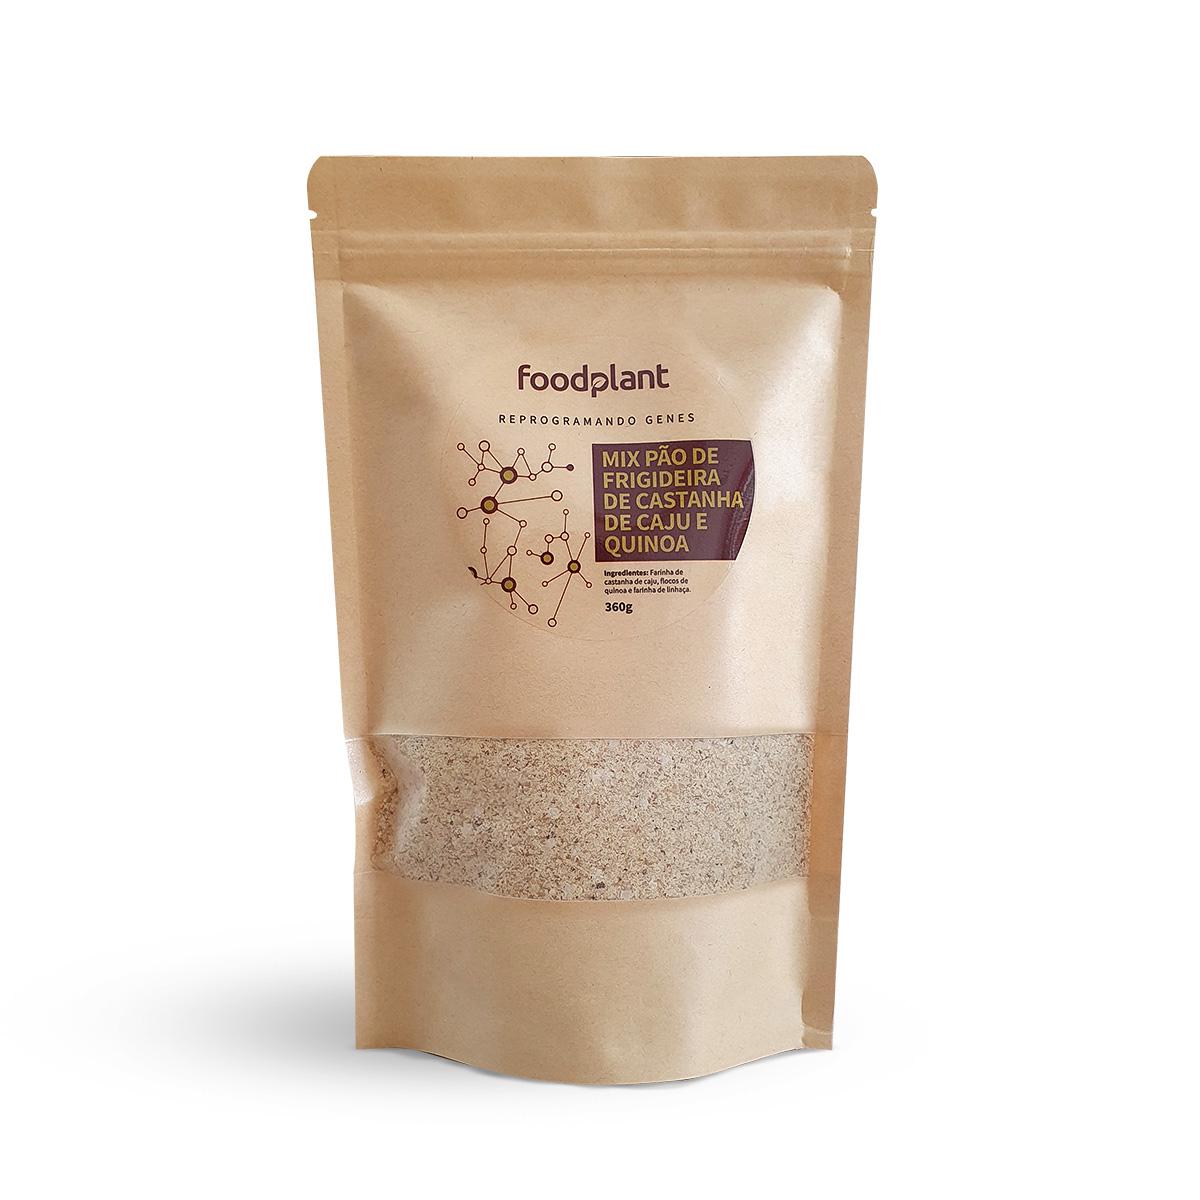 Mix Pão de Frigideira de Castanha de Cajú e Flocos de Quinoa Foodplant 360g